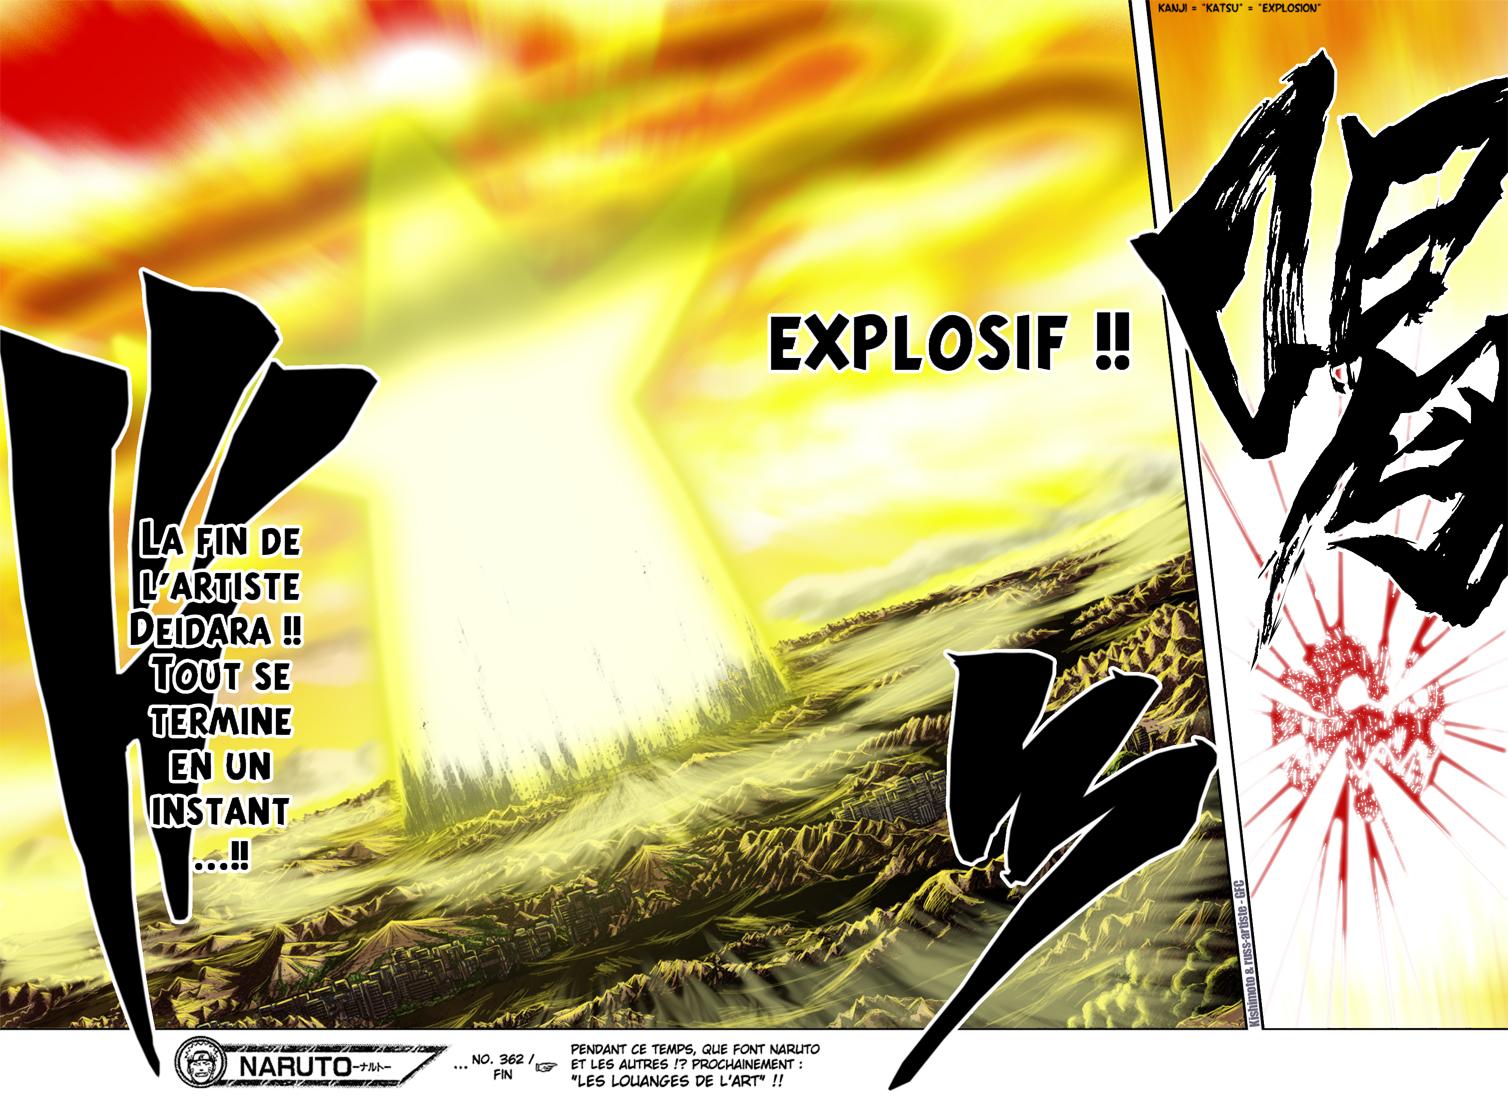 Naruto chapitre 362 colorisé - Page 16